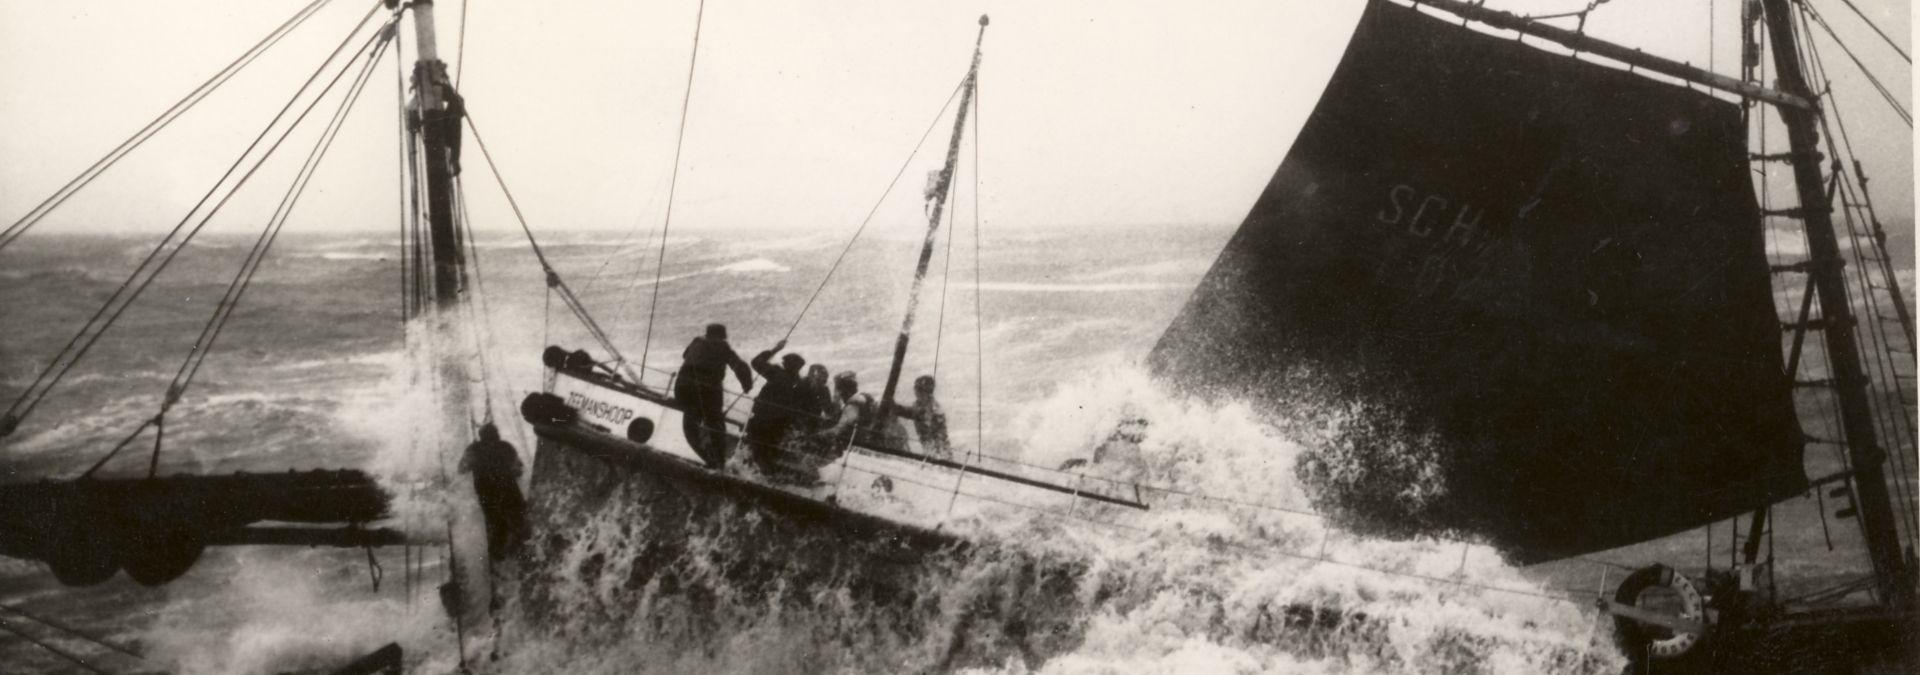 1938 KNRM redding Scheveningen-reddingboot Zeemanshoop | Foto: archief